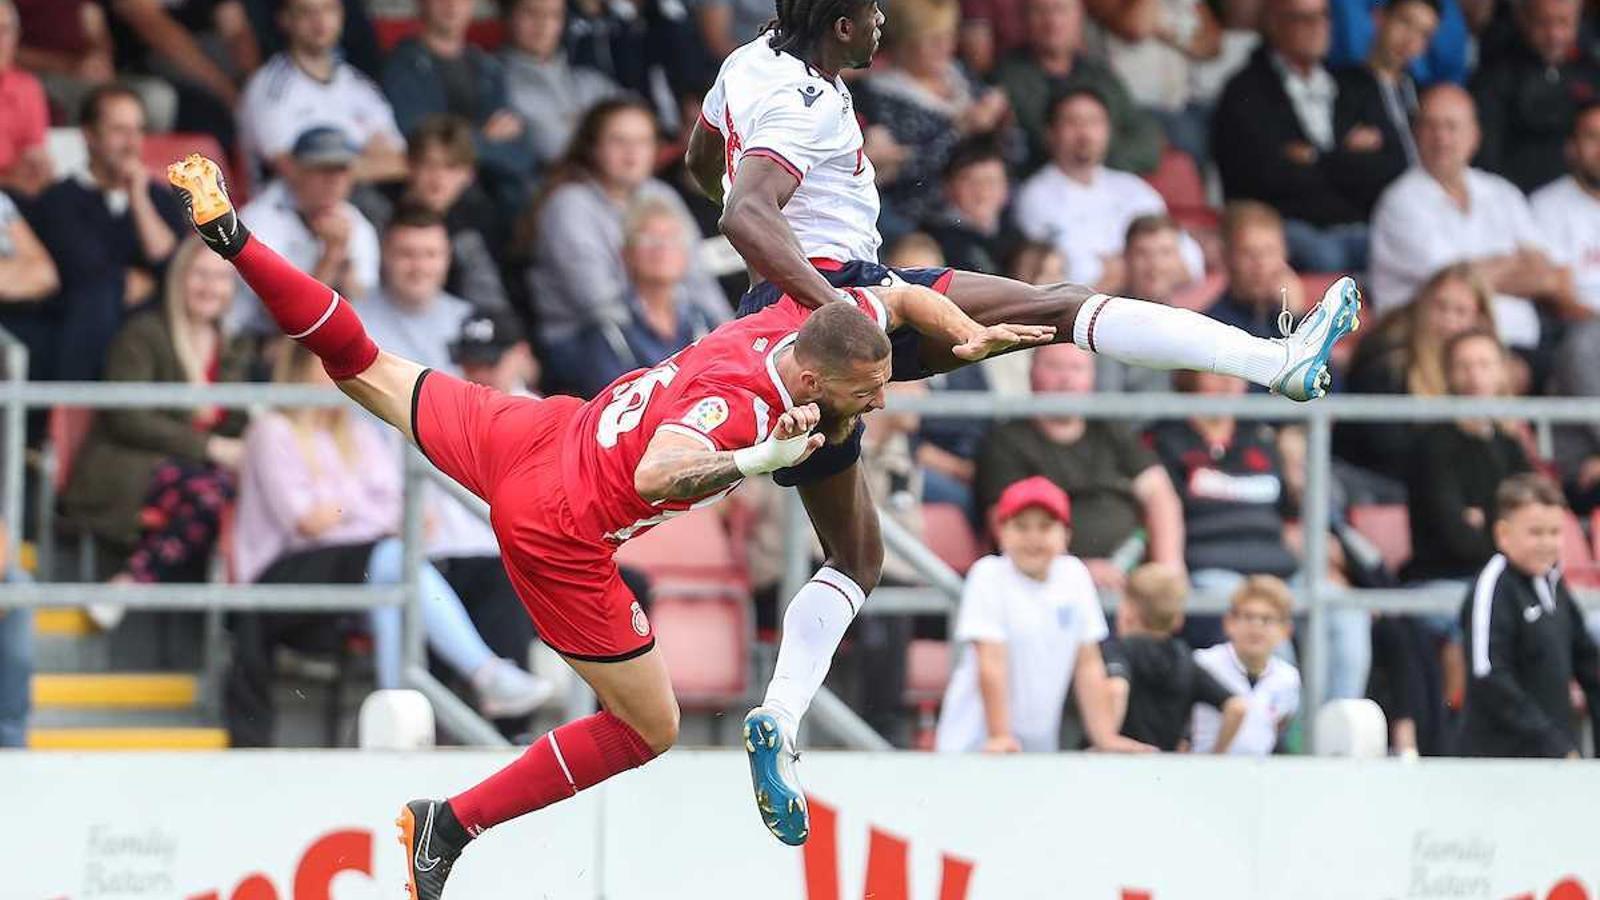 Imatge del partit de pretemporada entre el Bolton Wanderers i el Girona